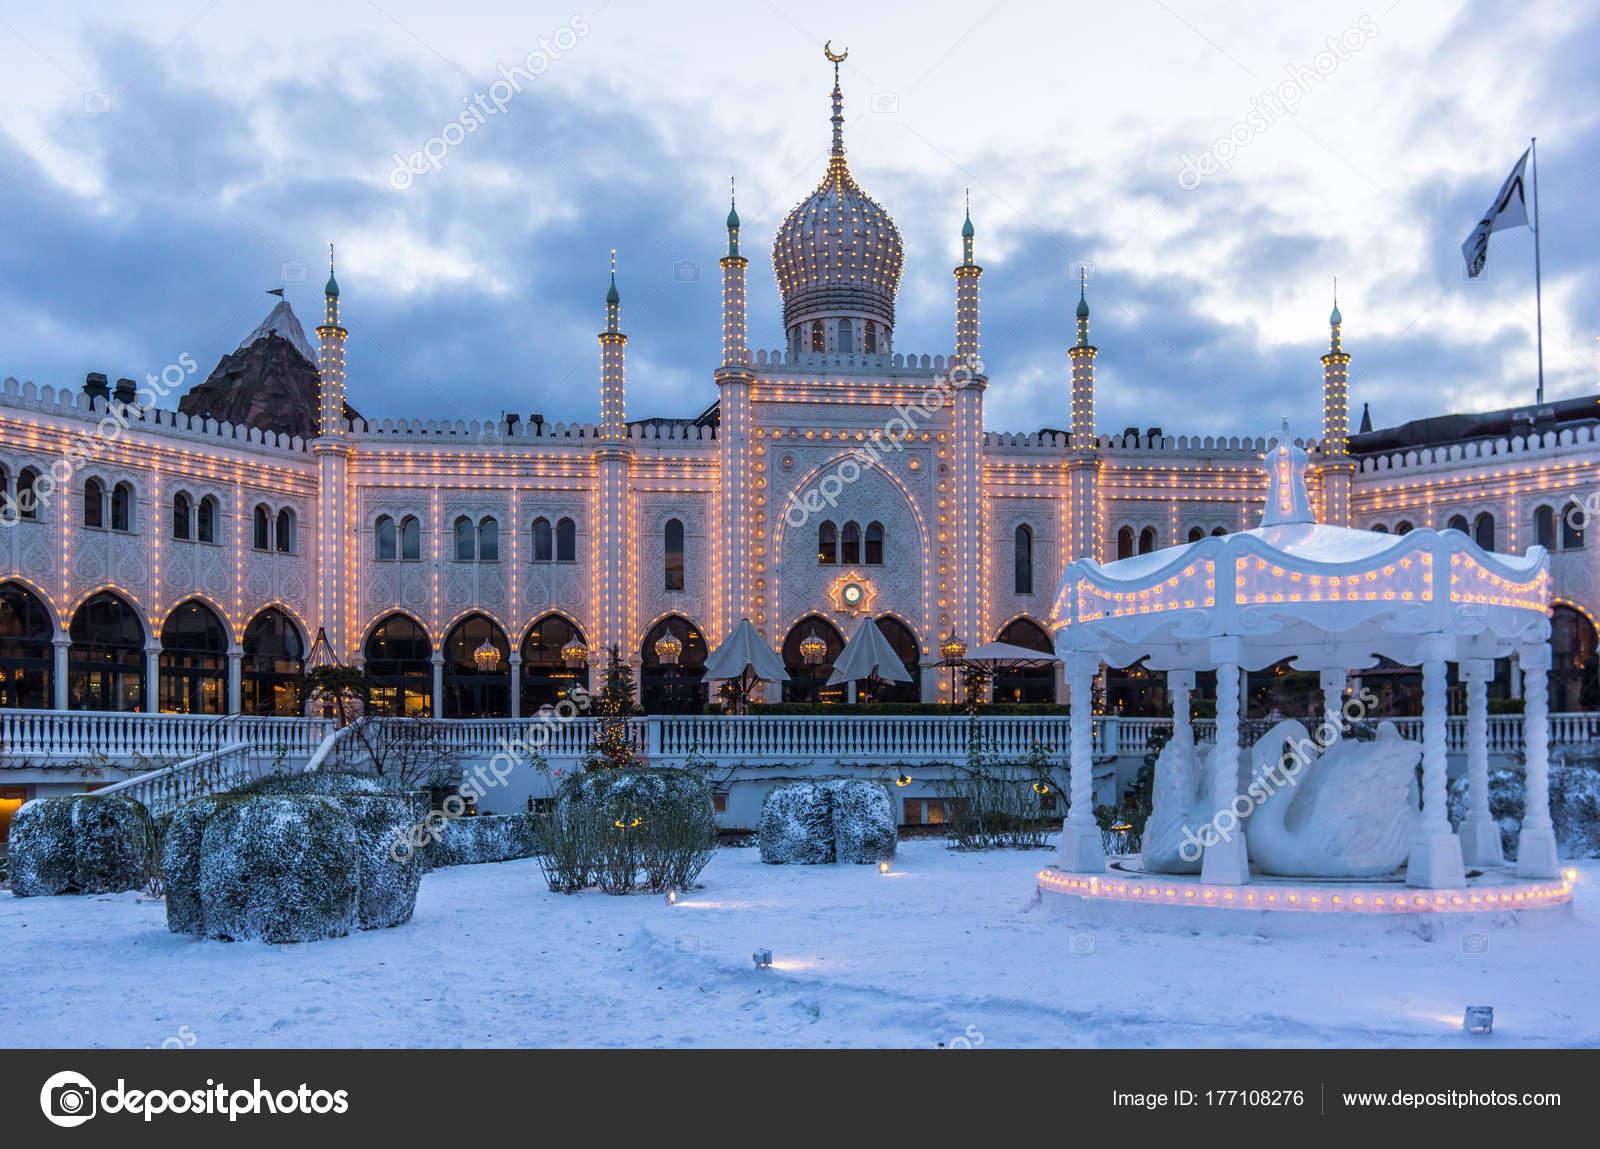 Decorazione di inverno a palazzo moresco a giardini di tivoli u2014 foto